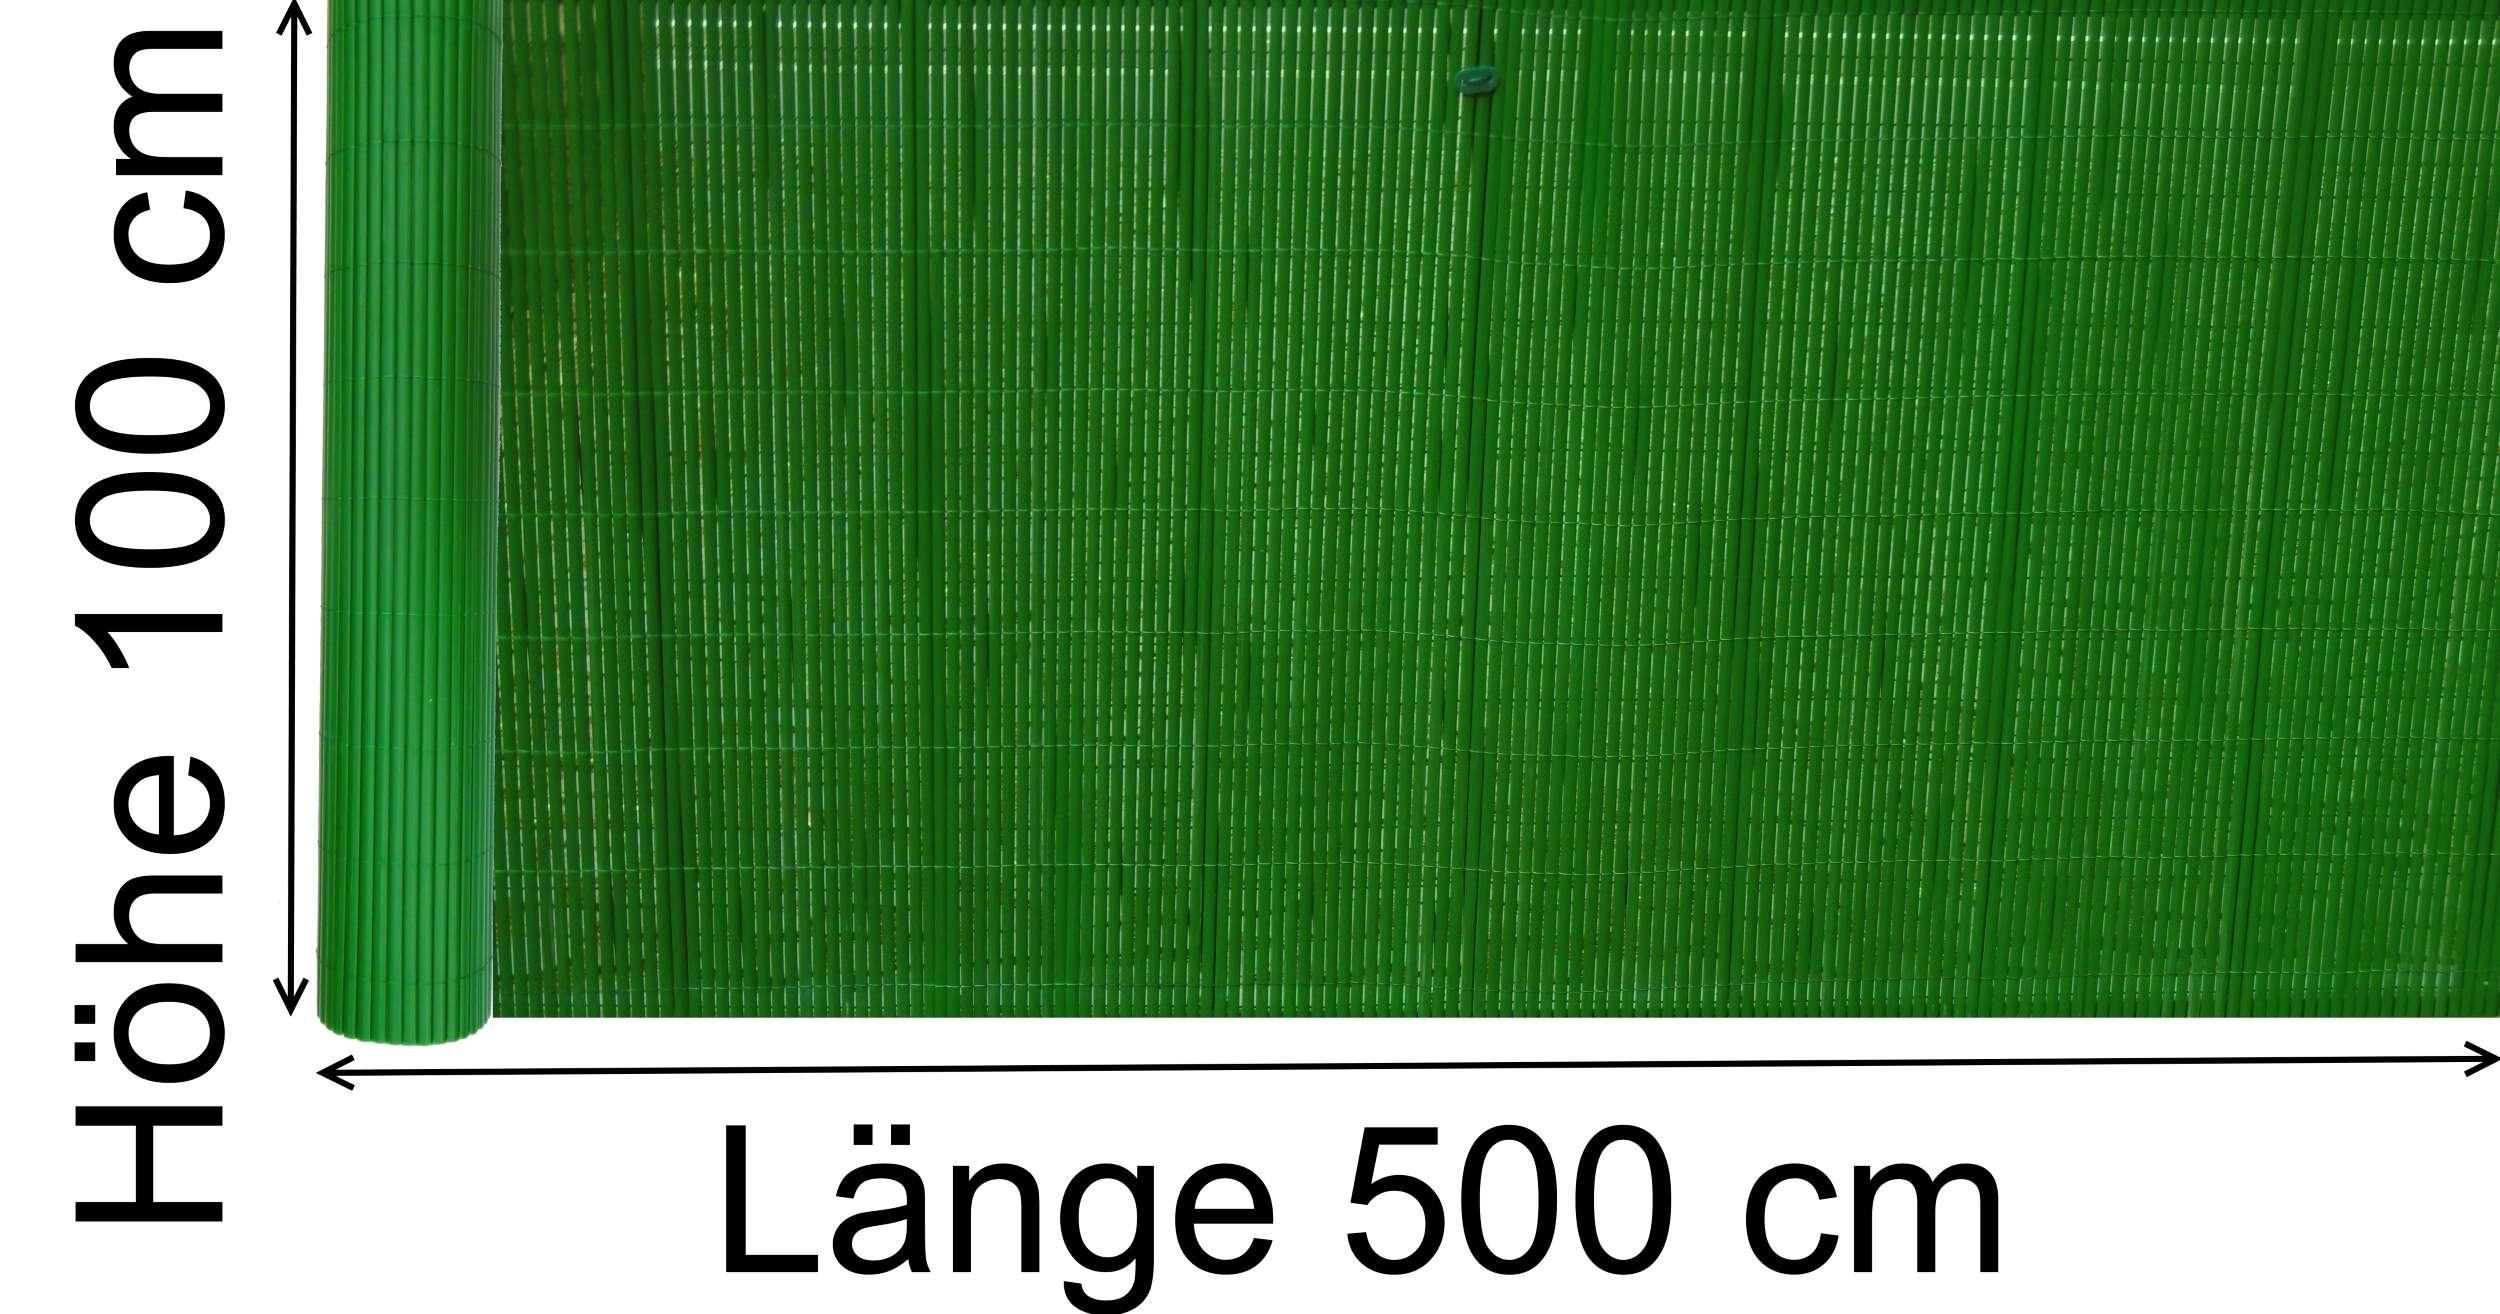 Sichtschutz Camping Pvc Sichtschutzmatte 100x500 Cm Grun Balkon